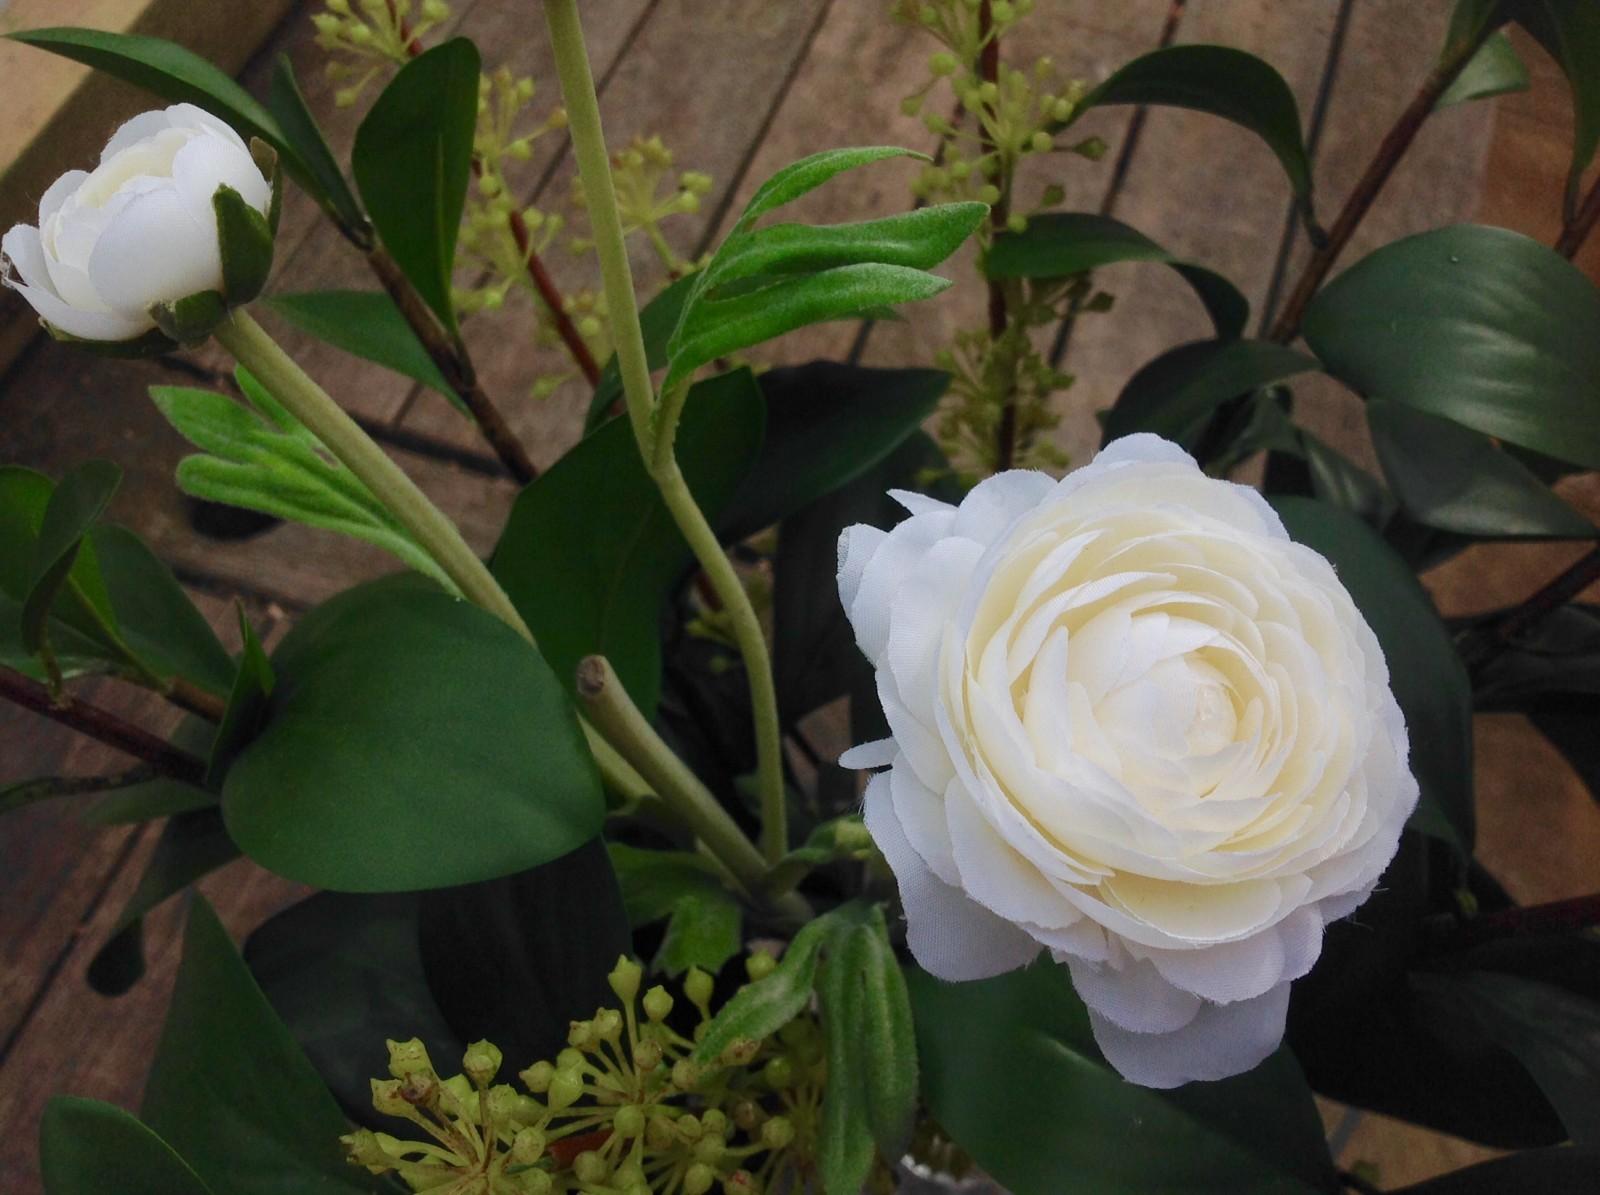 White silk flower